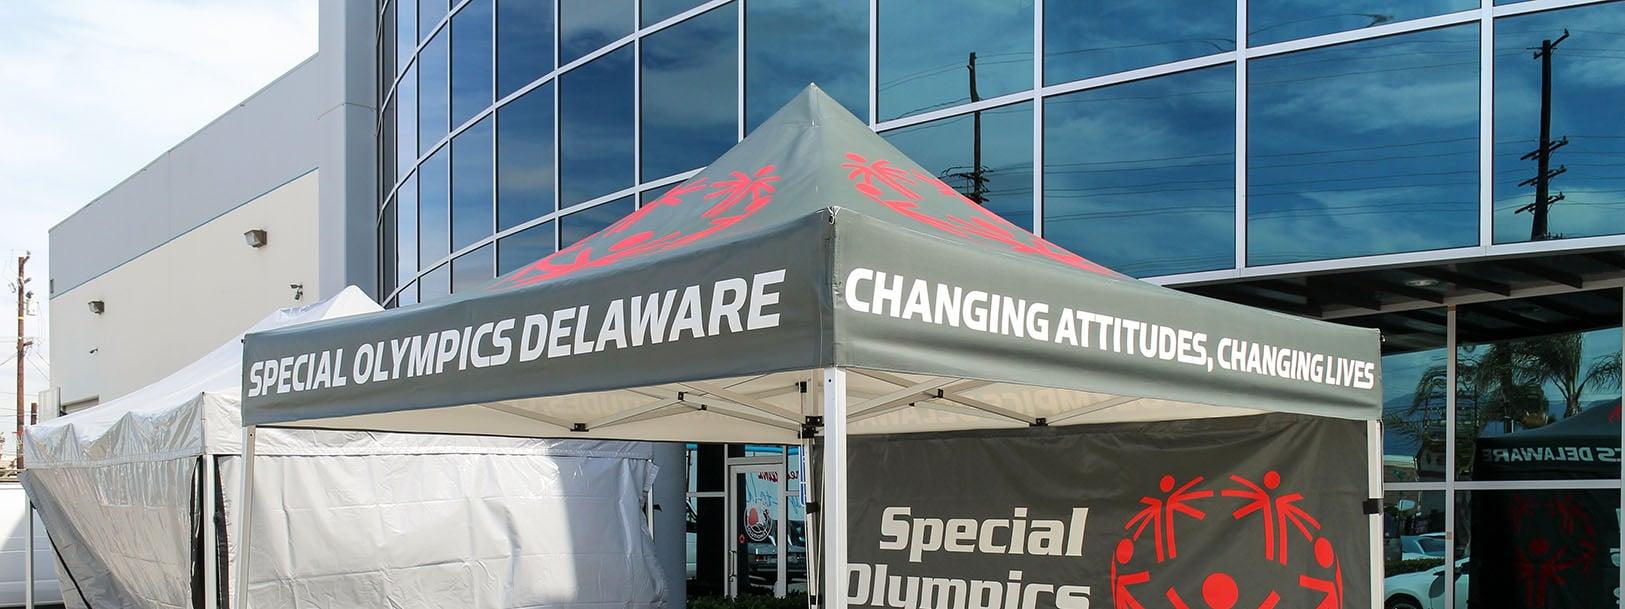 special-olympics-delaware-header.jpg